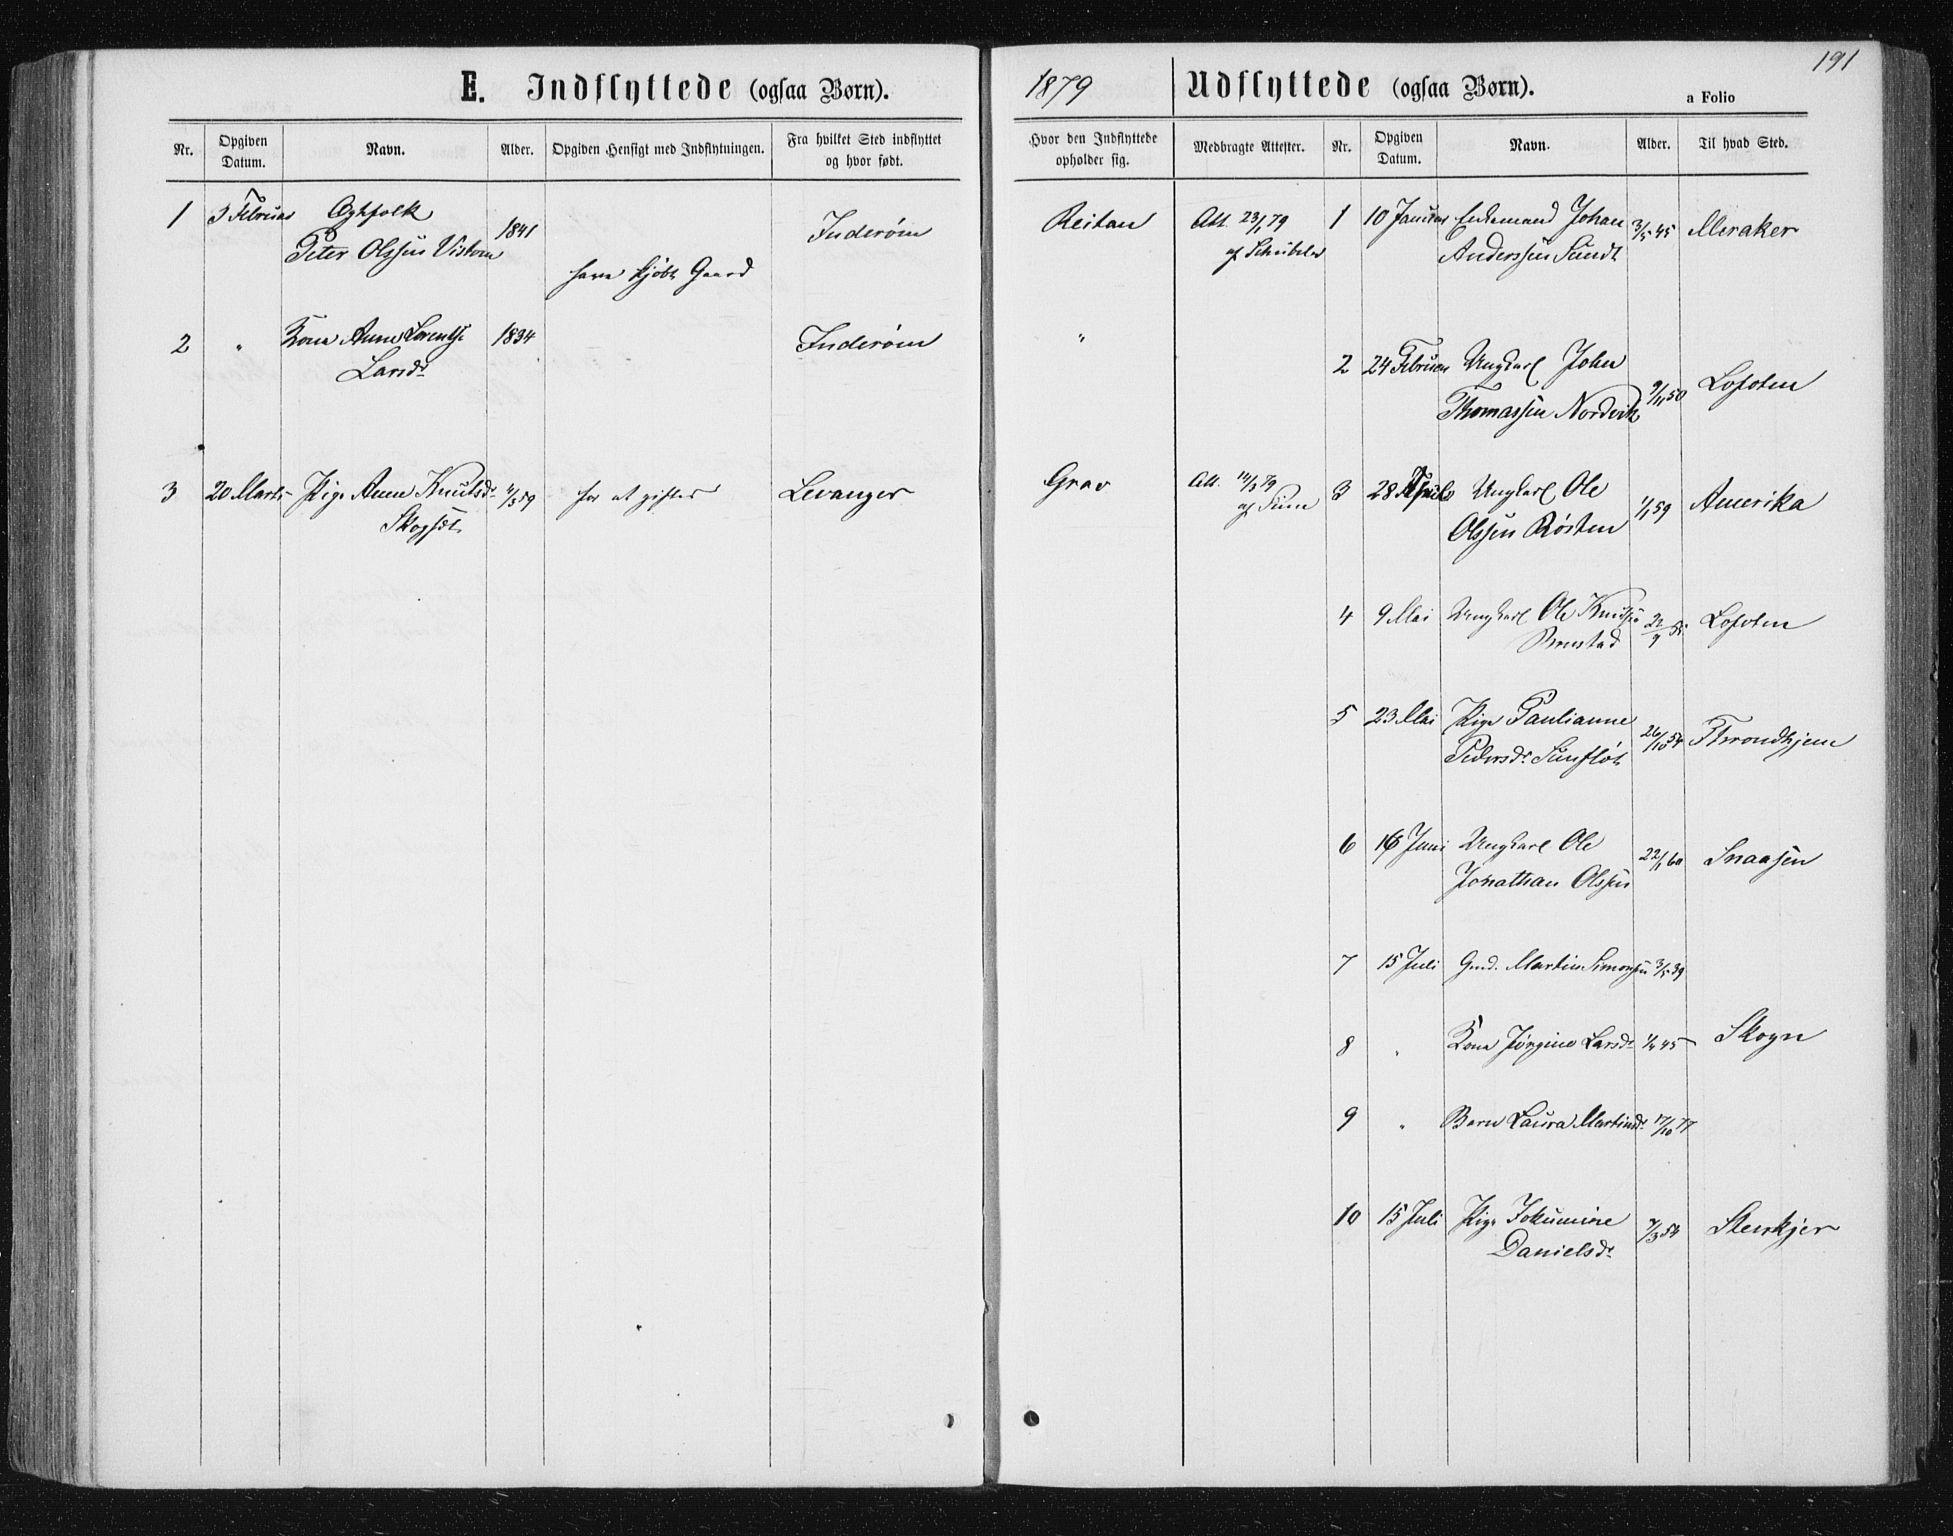 SAT, Ministerialprotokoller, klokkerbøker og fødselsregistre - Nord-Trøndelag, 722/L0219: Ministerialbok nr. 722A06, 1868-1880, s. 191